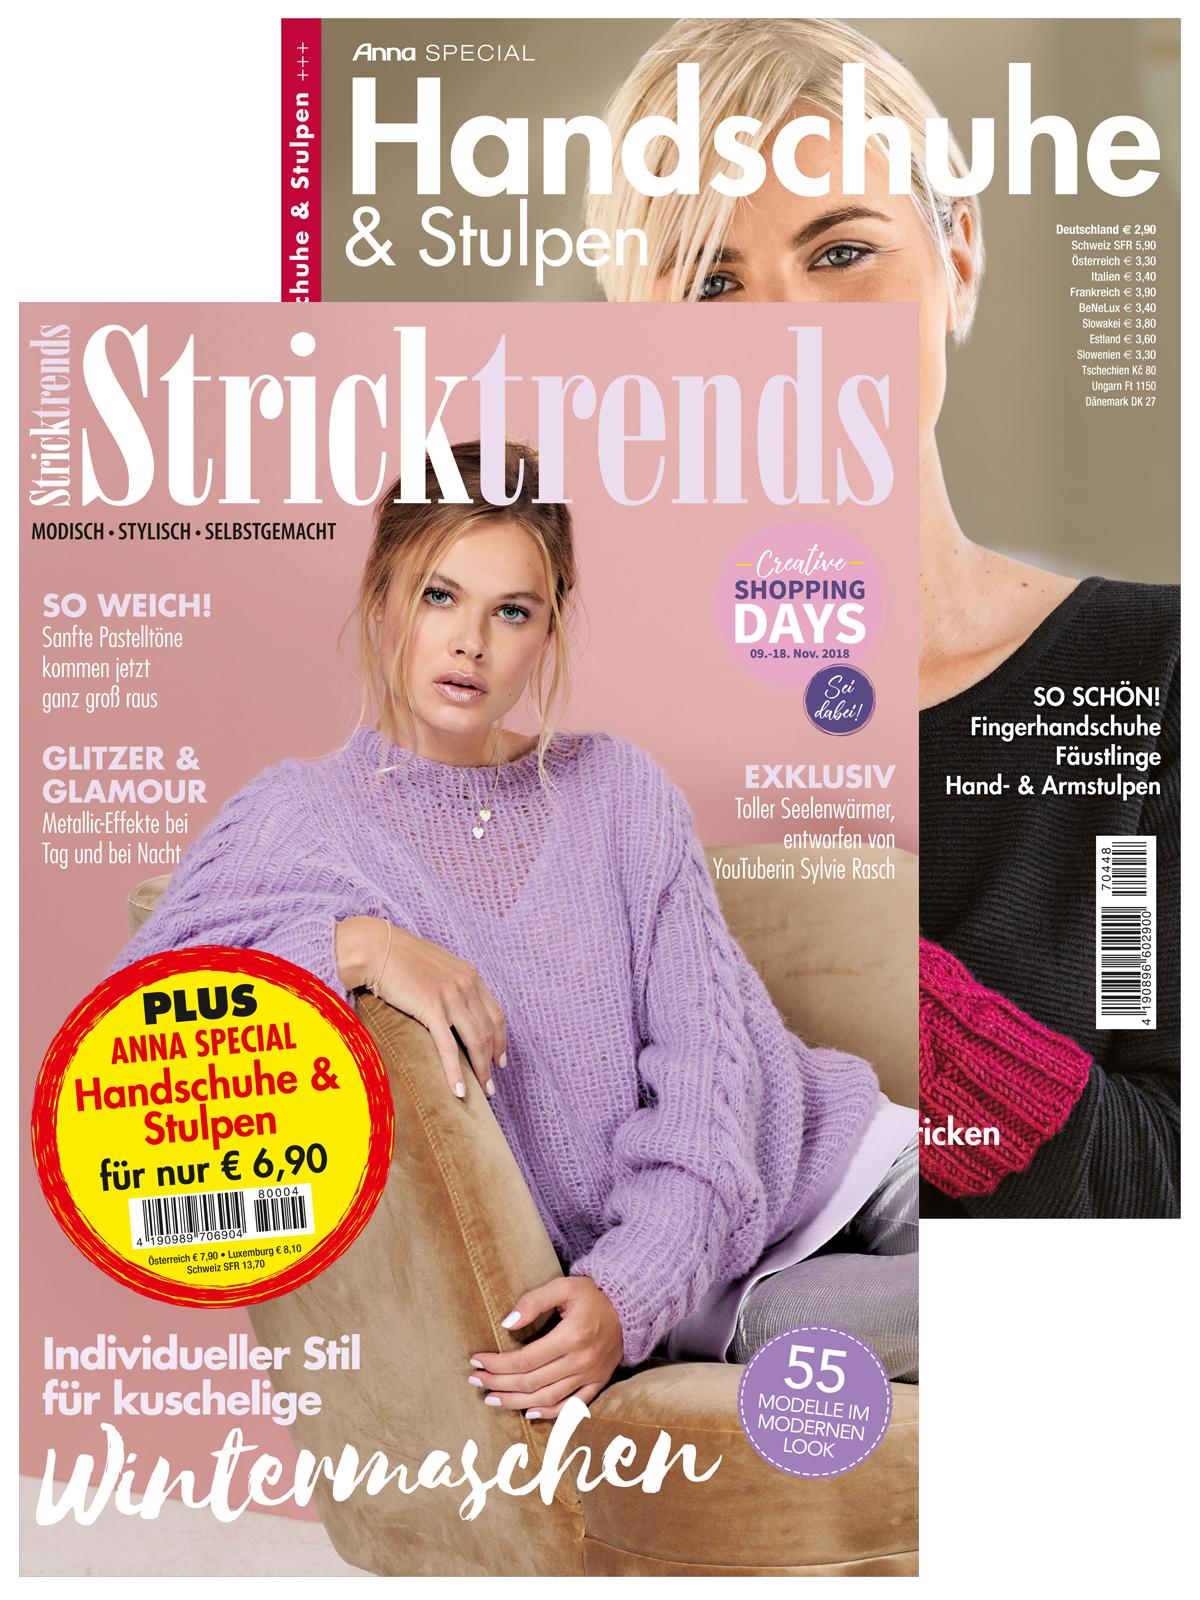 Zwei Zeitschriften: Stricktrends Nr. 04/2018 und Anna Special Handschuhe&Stulpen